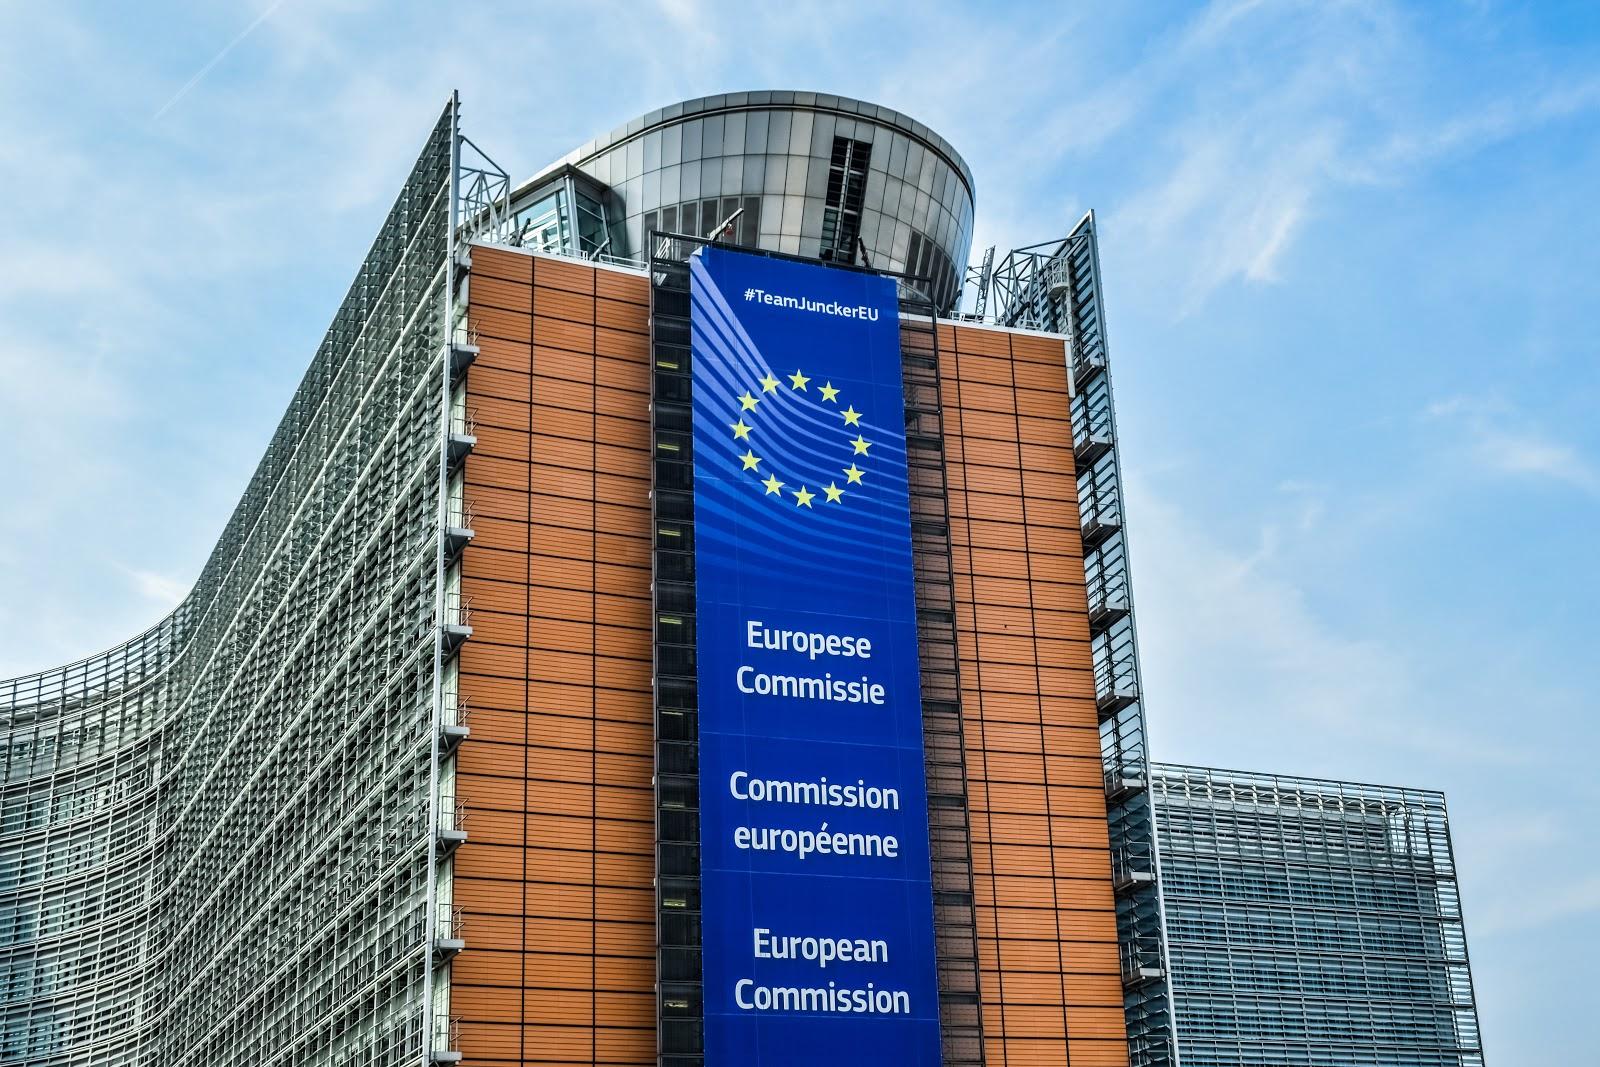 Gebäude der Europäischen Kommission in Brüssel vor blauem Himmel